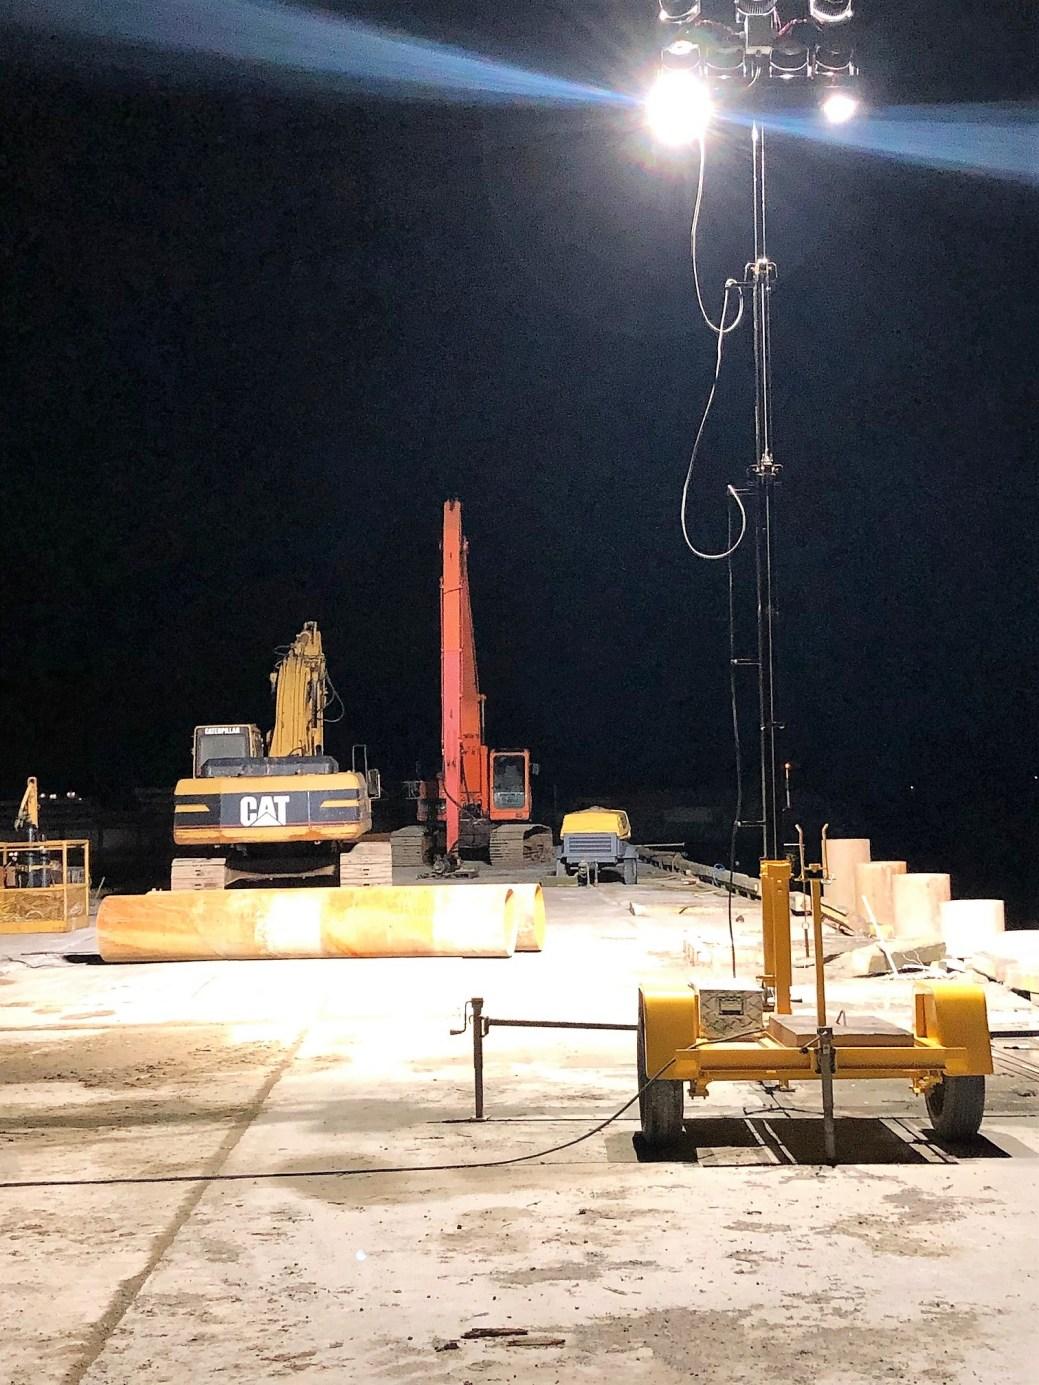 L'une des tours d'éclairage à Joël Michon illumine un chantier de construction. -Photo gracieuseté.